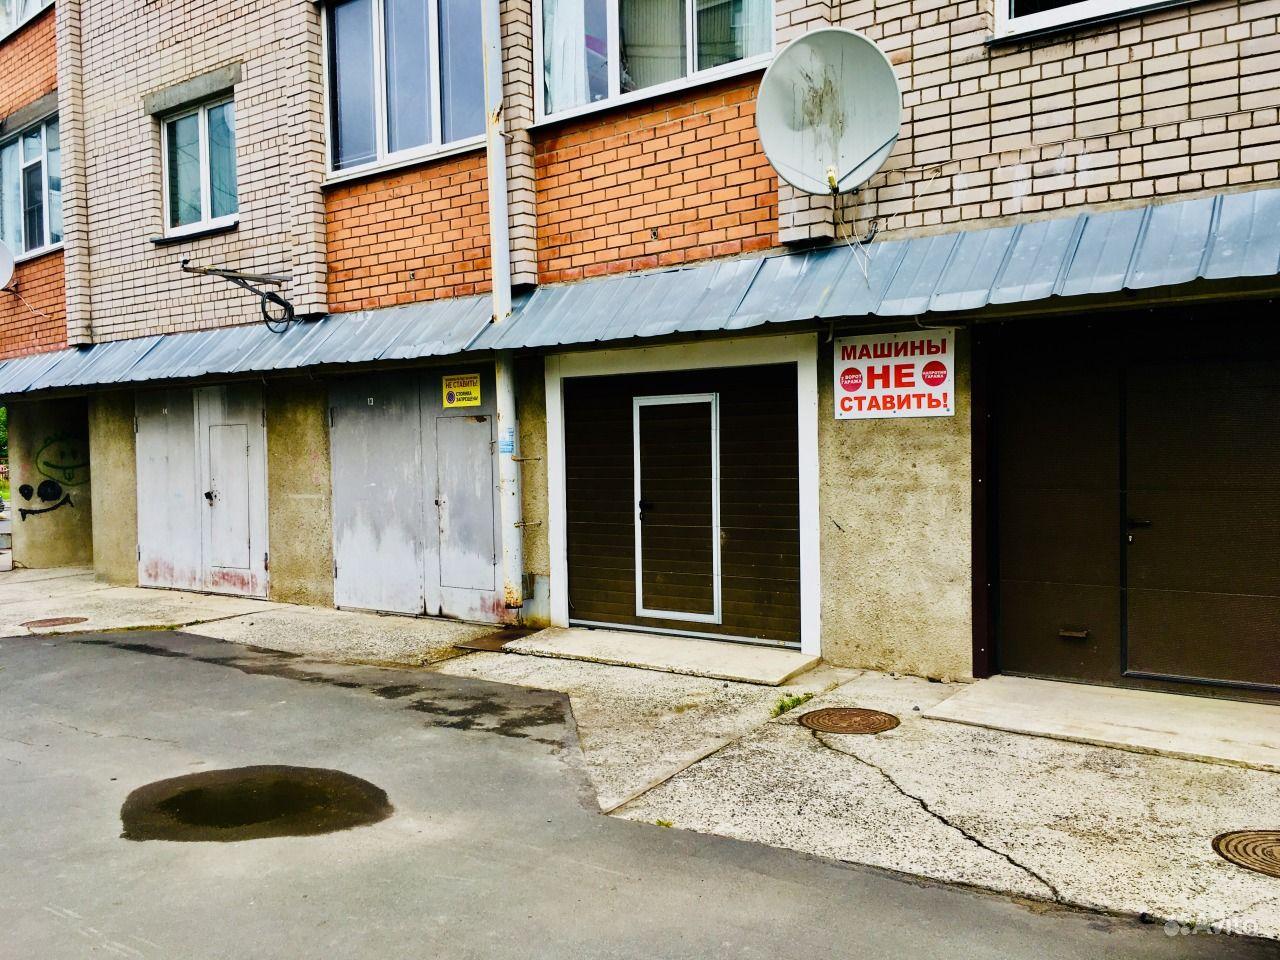 Гараж, 30 м. Республика Карелия,  Петрозаводск